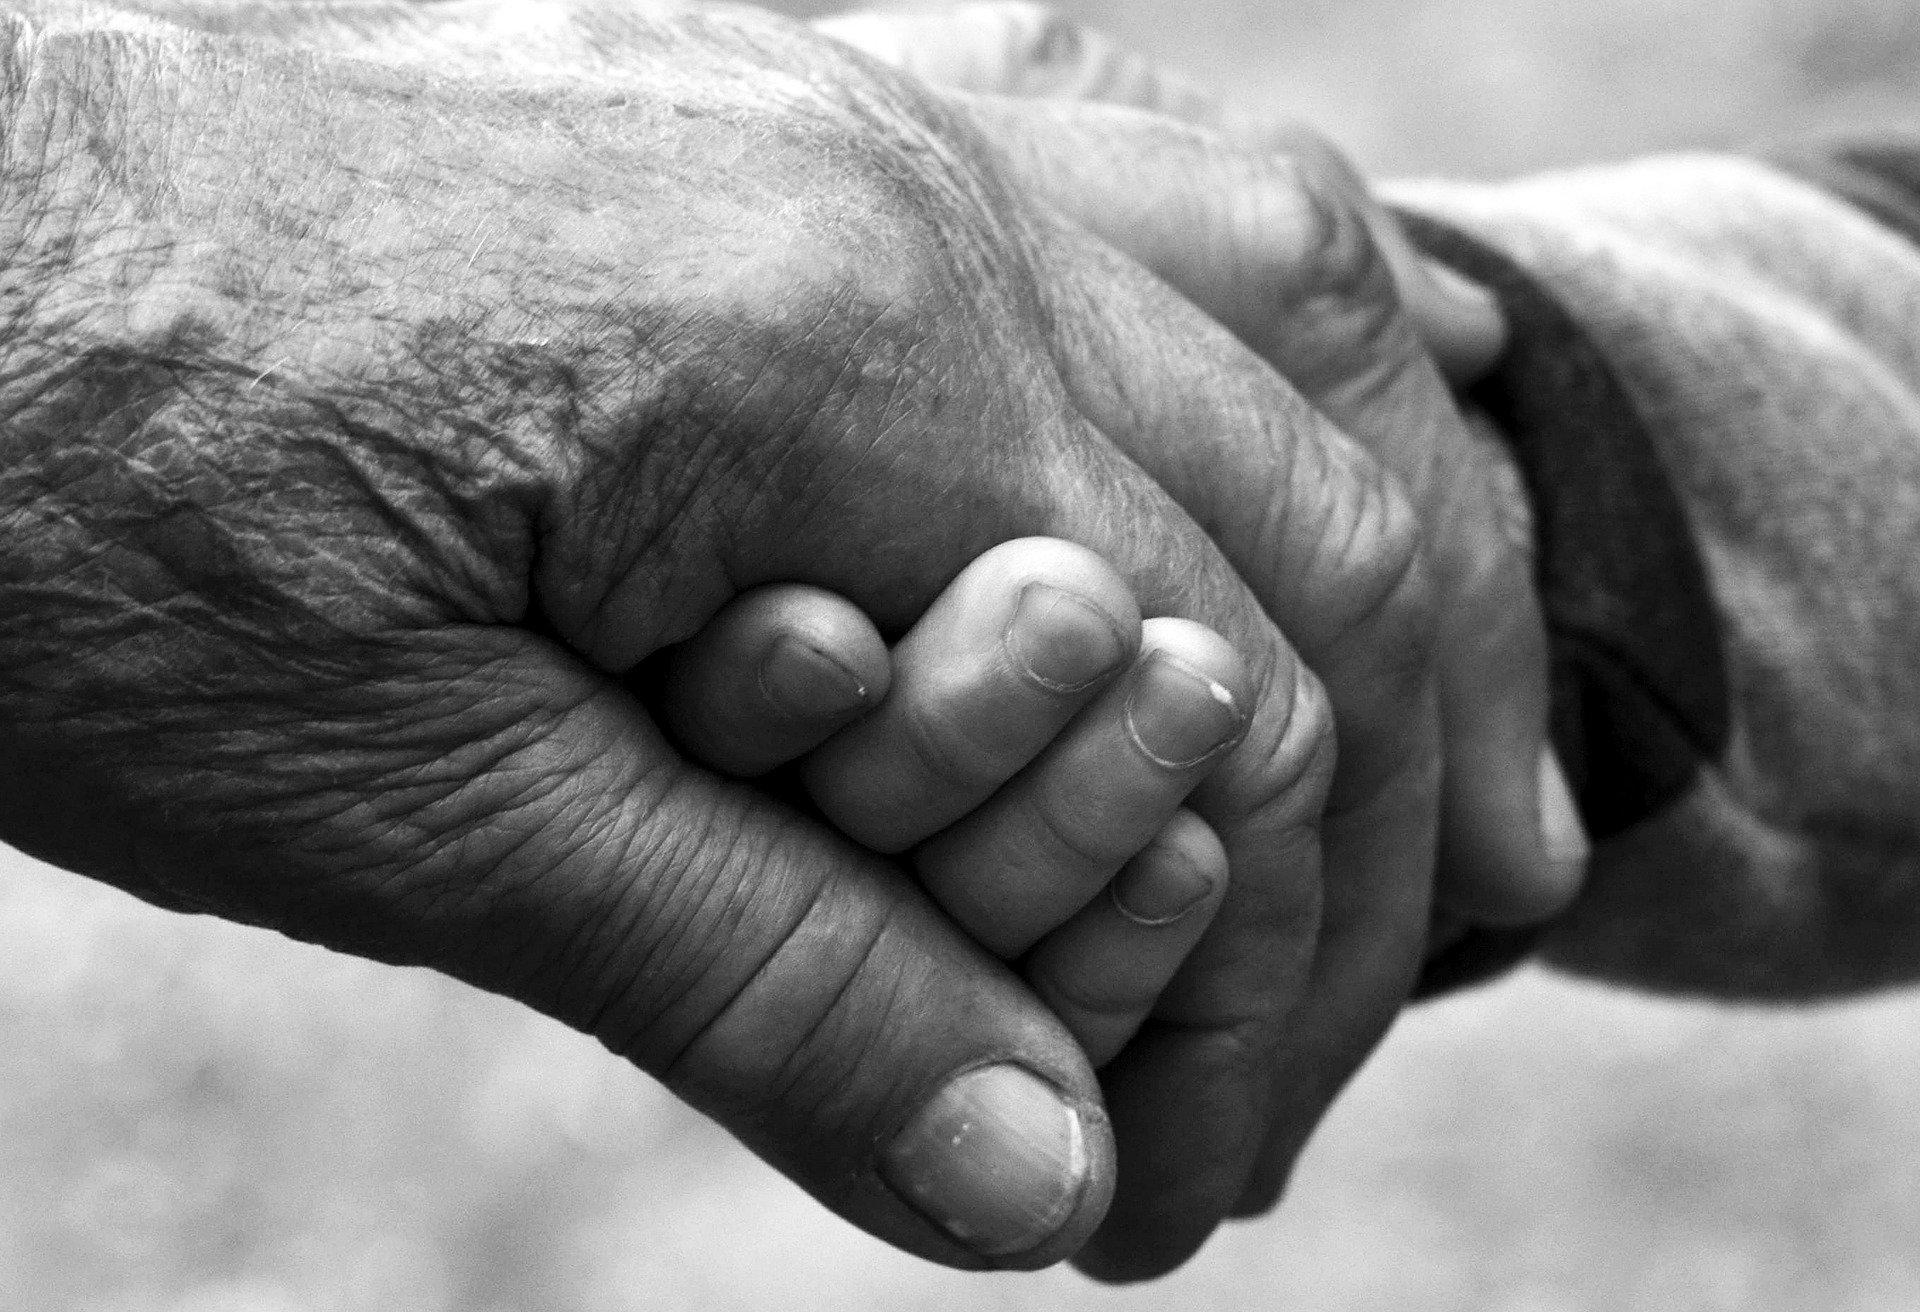 Abuela sostiene mano de nieto. Fuente: Pixabay